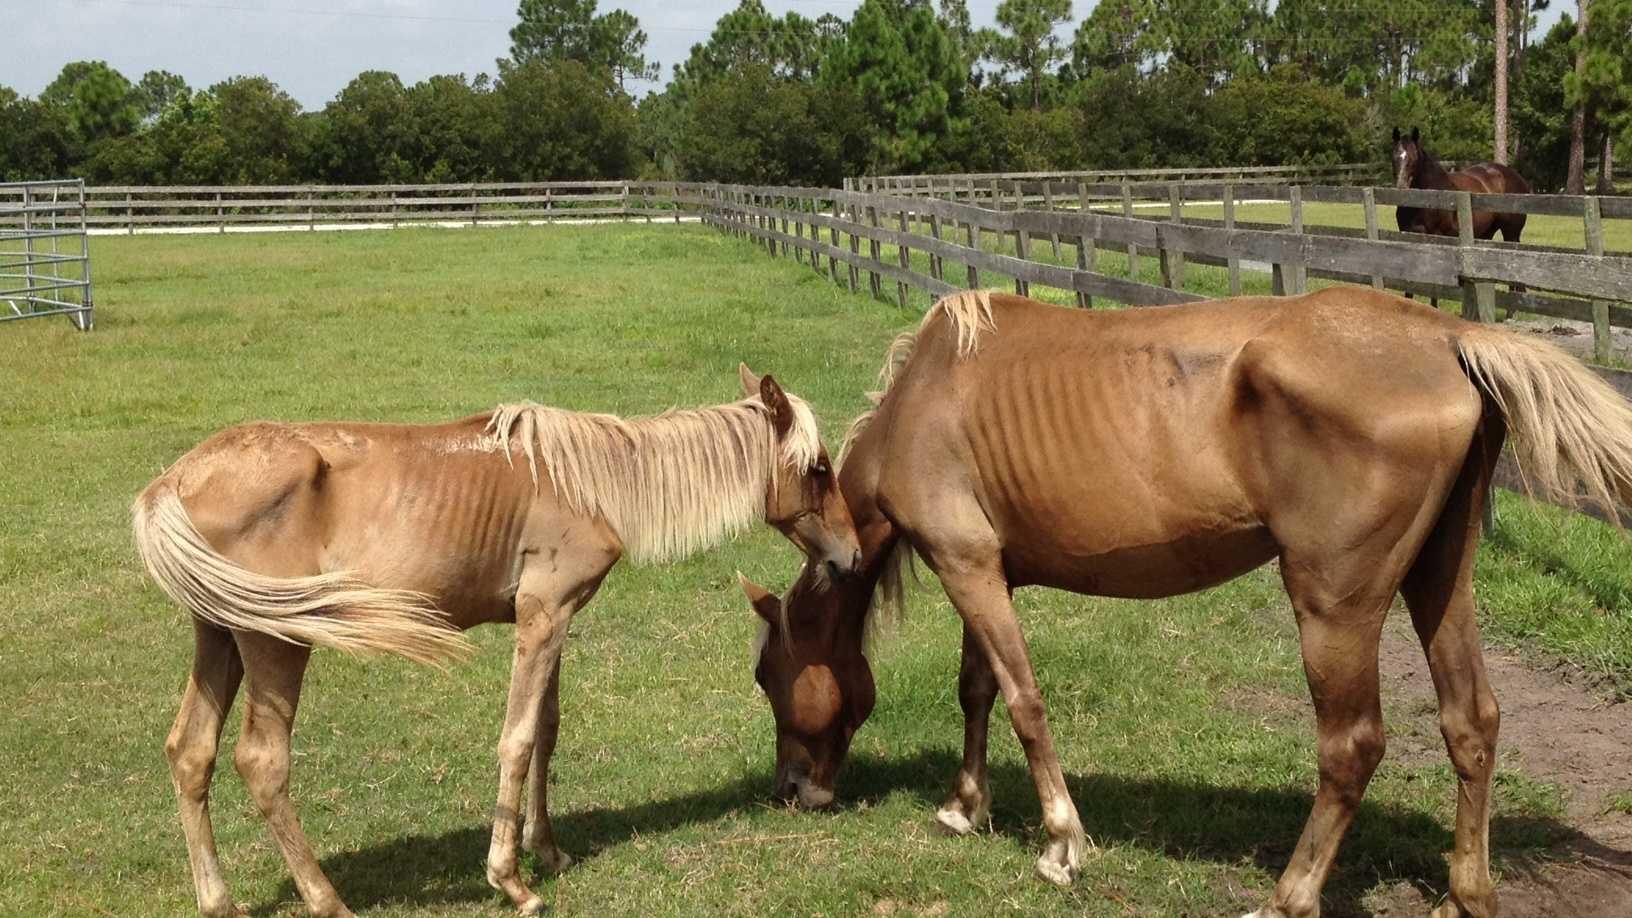 Malnourished Horses